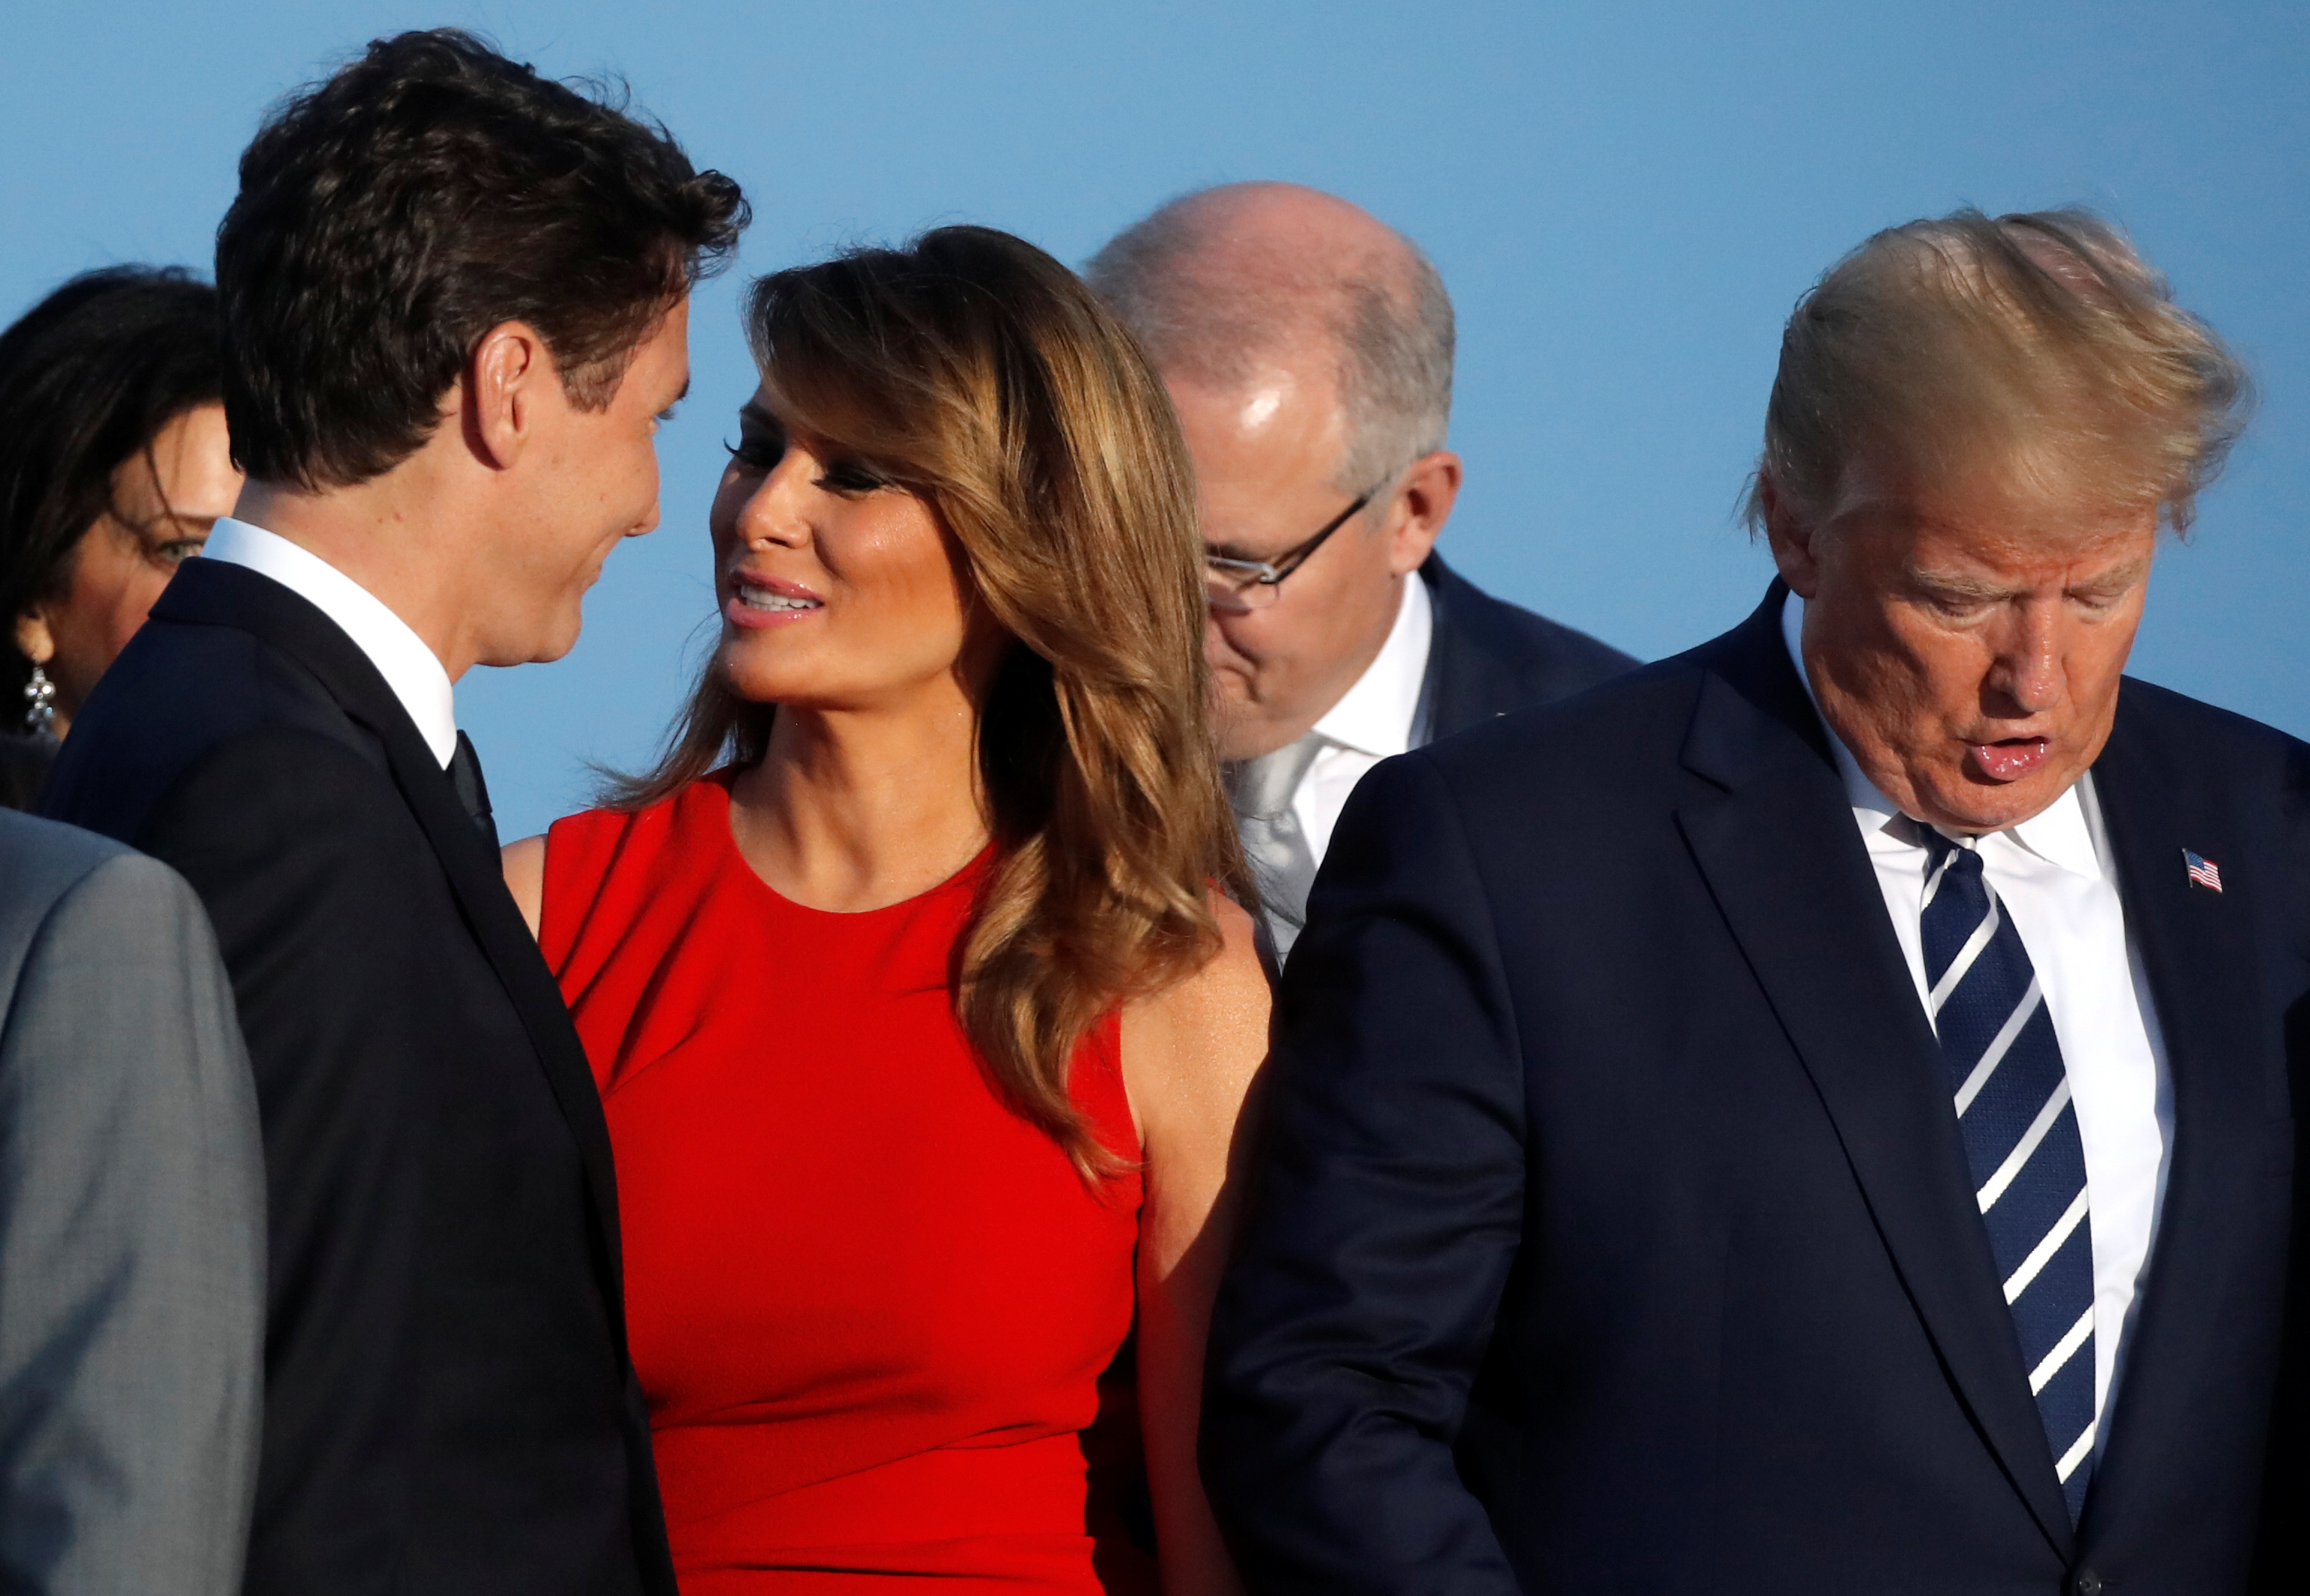 Το φιλί και τα βλέμματα ανάμεσα σε Μελάνια Τραμπ και Τριντό έριξαν το διαδίκτυο